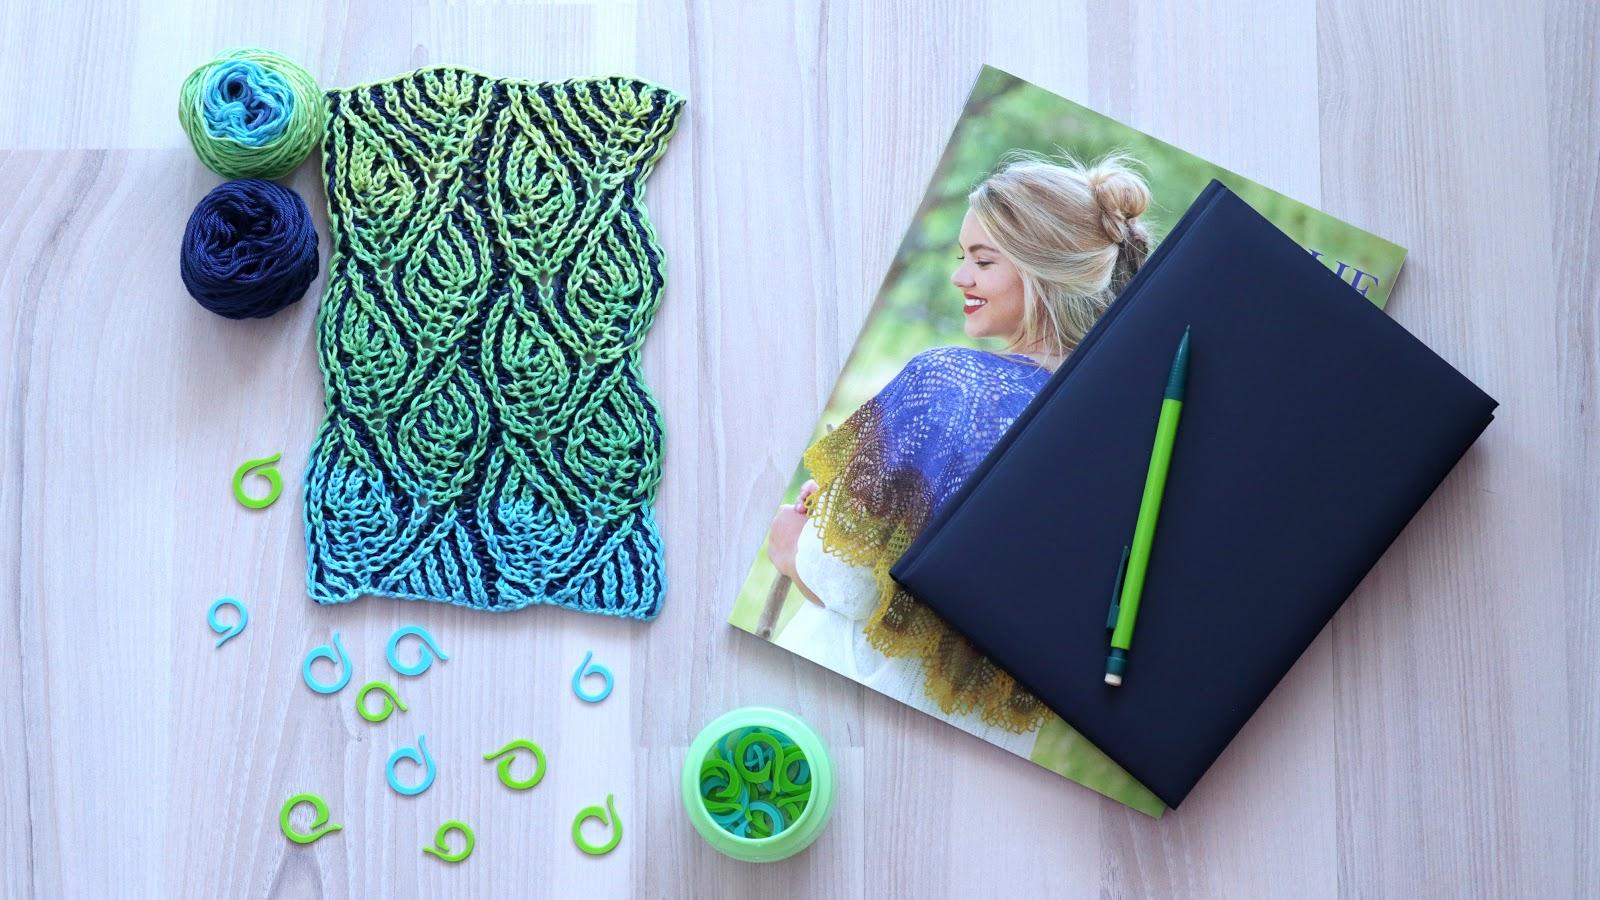 Foliage Scarf - Brioche Knitting